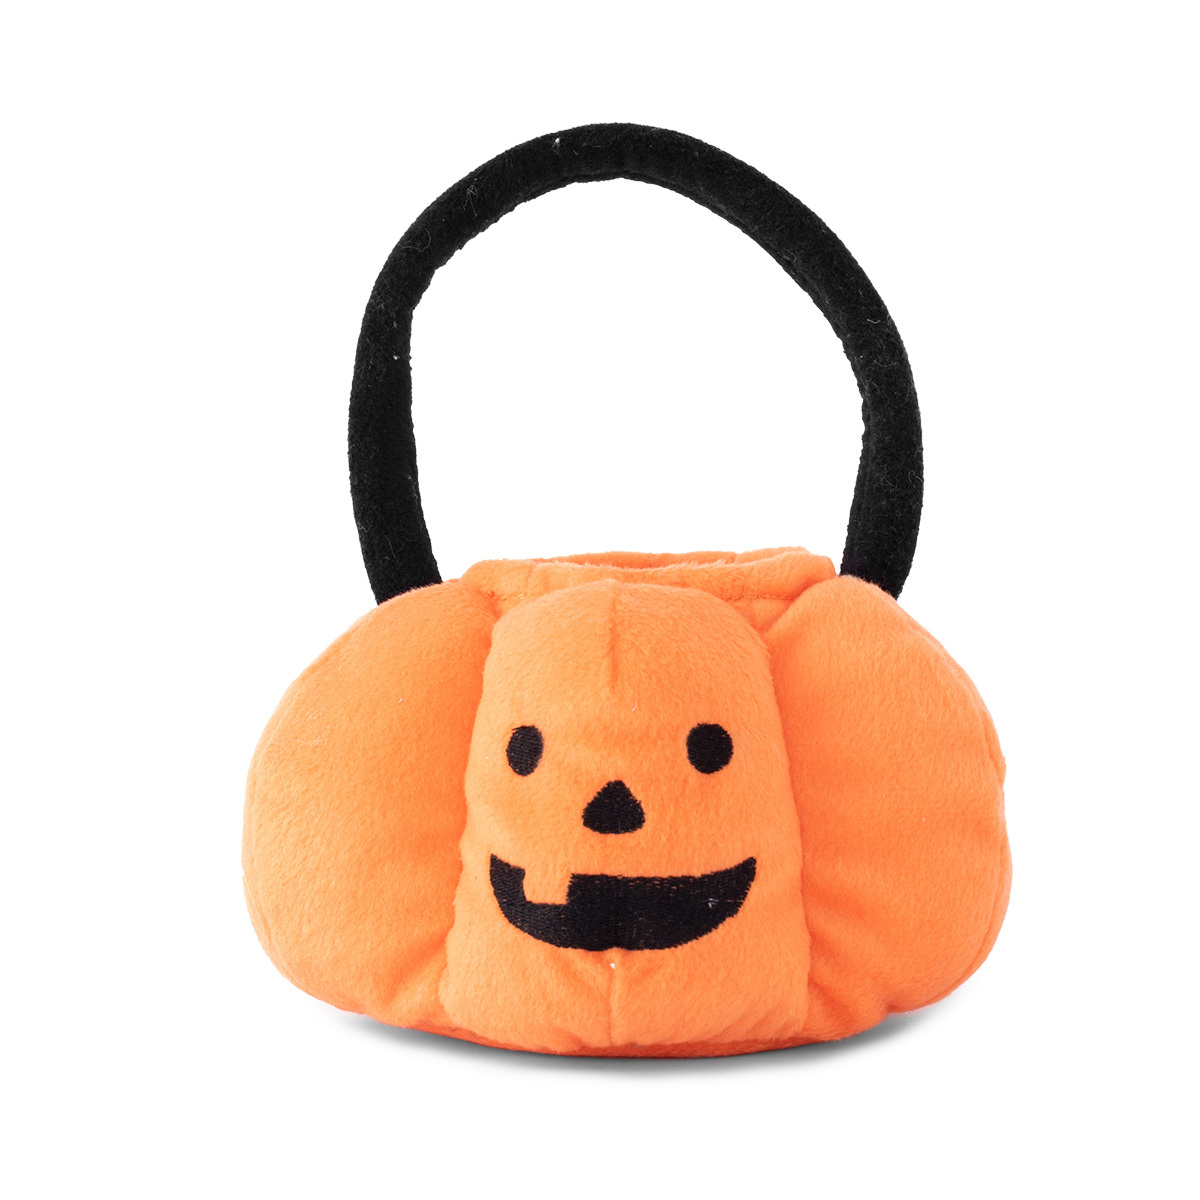 Zippy Paws Halloween Trick or Treat Basket Burrow